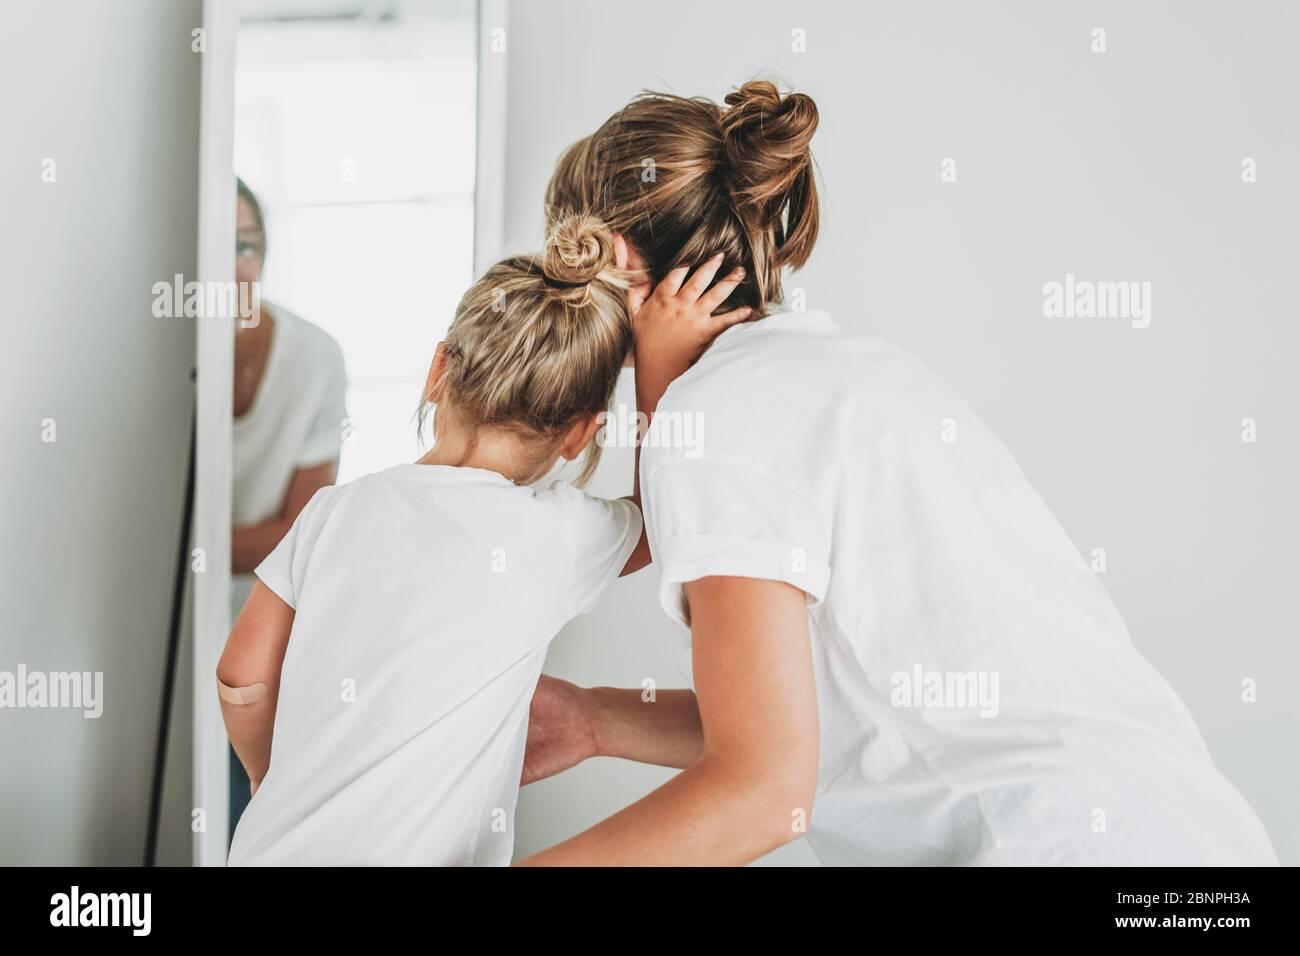 Junge Mutter und Tochter in weißen T-Shirts schauen in den Spiegel, Menschen von hinten Stockfoto